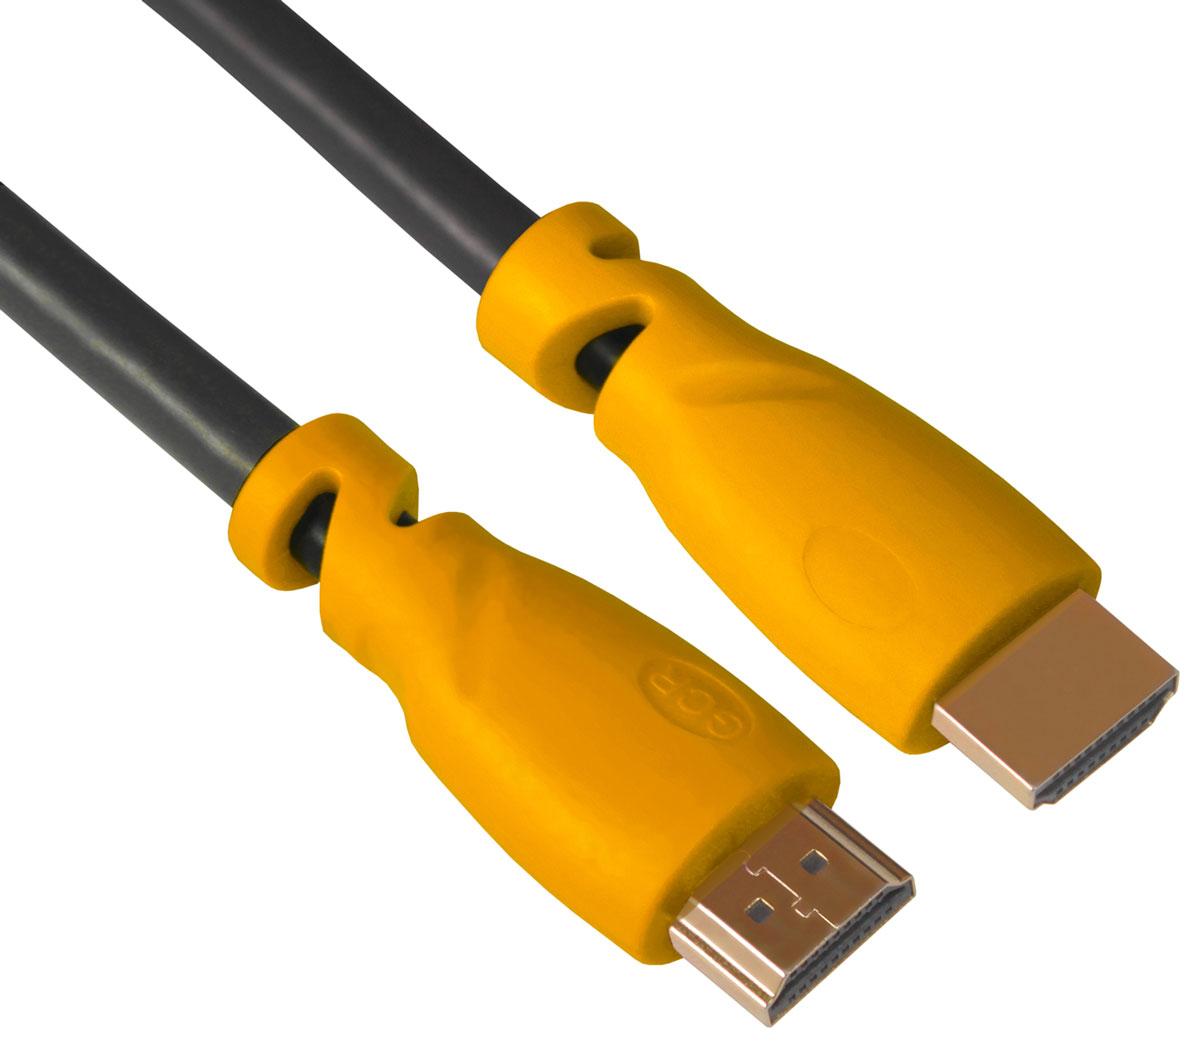 Greenconnect GCR-HM340 кабель HDMI (1 м)GCR-HM340-1.0mКабель HDMI v 1.4 Greenconnect GCR-HM340 - отличное решение для подключения компьютера, игровых консолей, DVD и Blu-ray плееров, аудио-ресиверов к телевизору или дополнительному монитору. Кабель HDMI поддерживает как стандартные, так и высокие разрешения самых современных моделей телевизоров. Greenconnect GCR-HM340 поддерживает 4K, Full HD и HD разрешения. Это даёт возможность наслаждаться более точной и естественной картинкой с высочайшим уровнем детализации и диапазоном цветов. Использование кабеля позволяет передавать изображение в столь популярном формате 3D, усиливая элемент присутствия и позволяя получать удовольствие от качественного объёмного изображения. Кабель оснащен двунаправленным каналом для передачи сетевых данных, который подходит для использования IP-приложениями. Канал Ethernet позволяет нескольким устройствам работать в сети Ethernet без необходимости подключения дополнительных проводов, а также напрямую обмениваться контентом. Наличие...